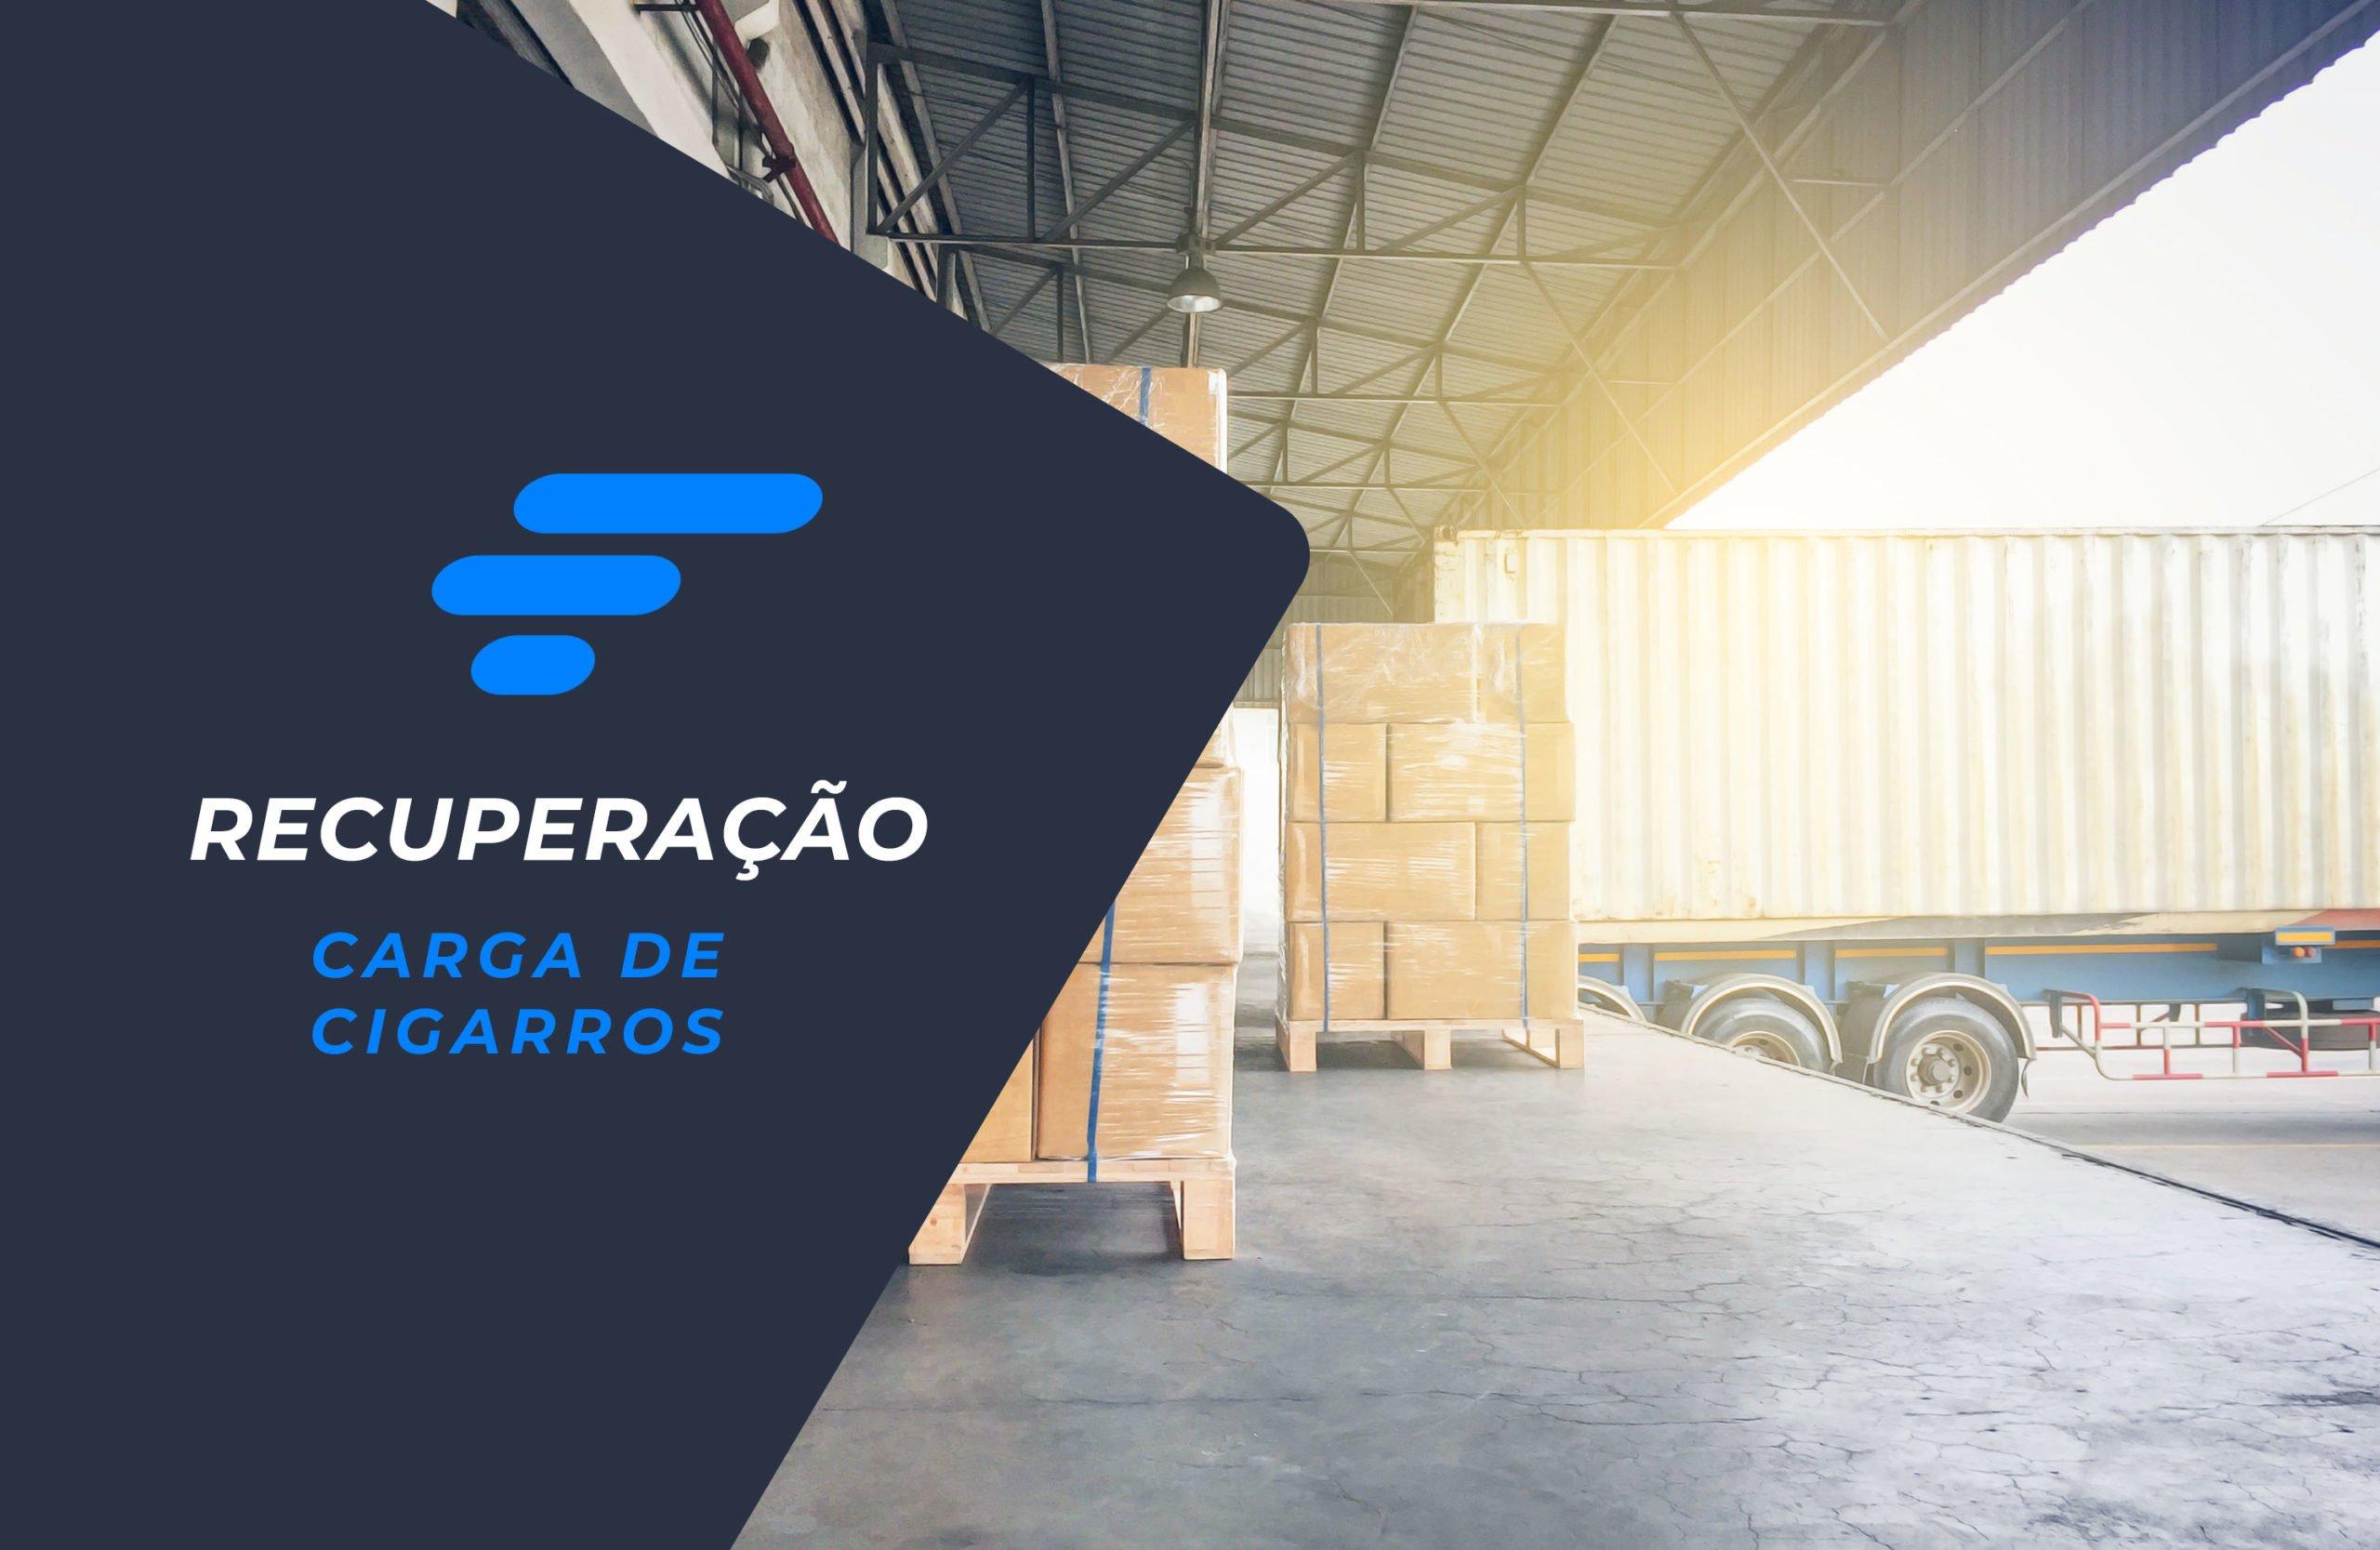 Carga de cigarros roubada em Curitiba é recuperada com apoio da Skymark Gerenciadora de Risco